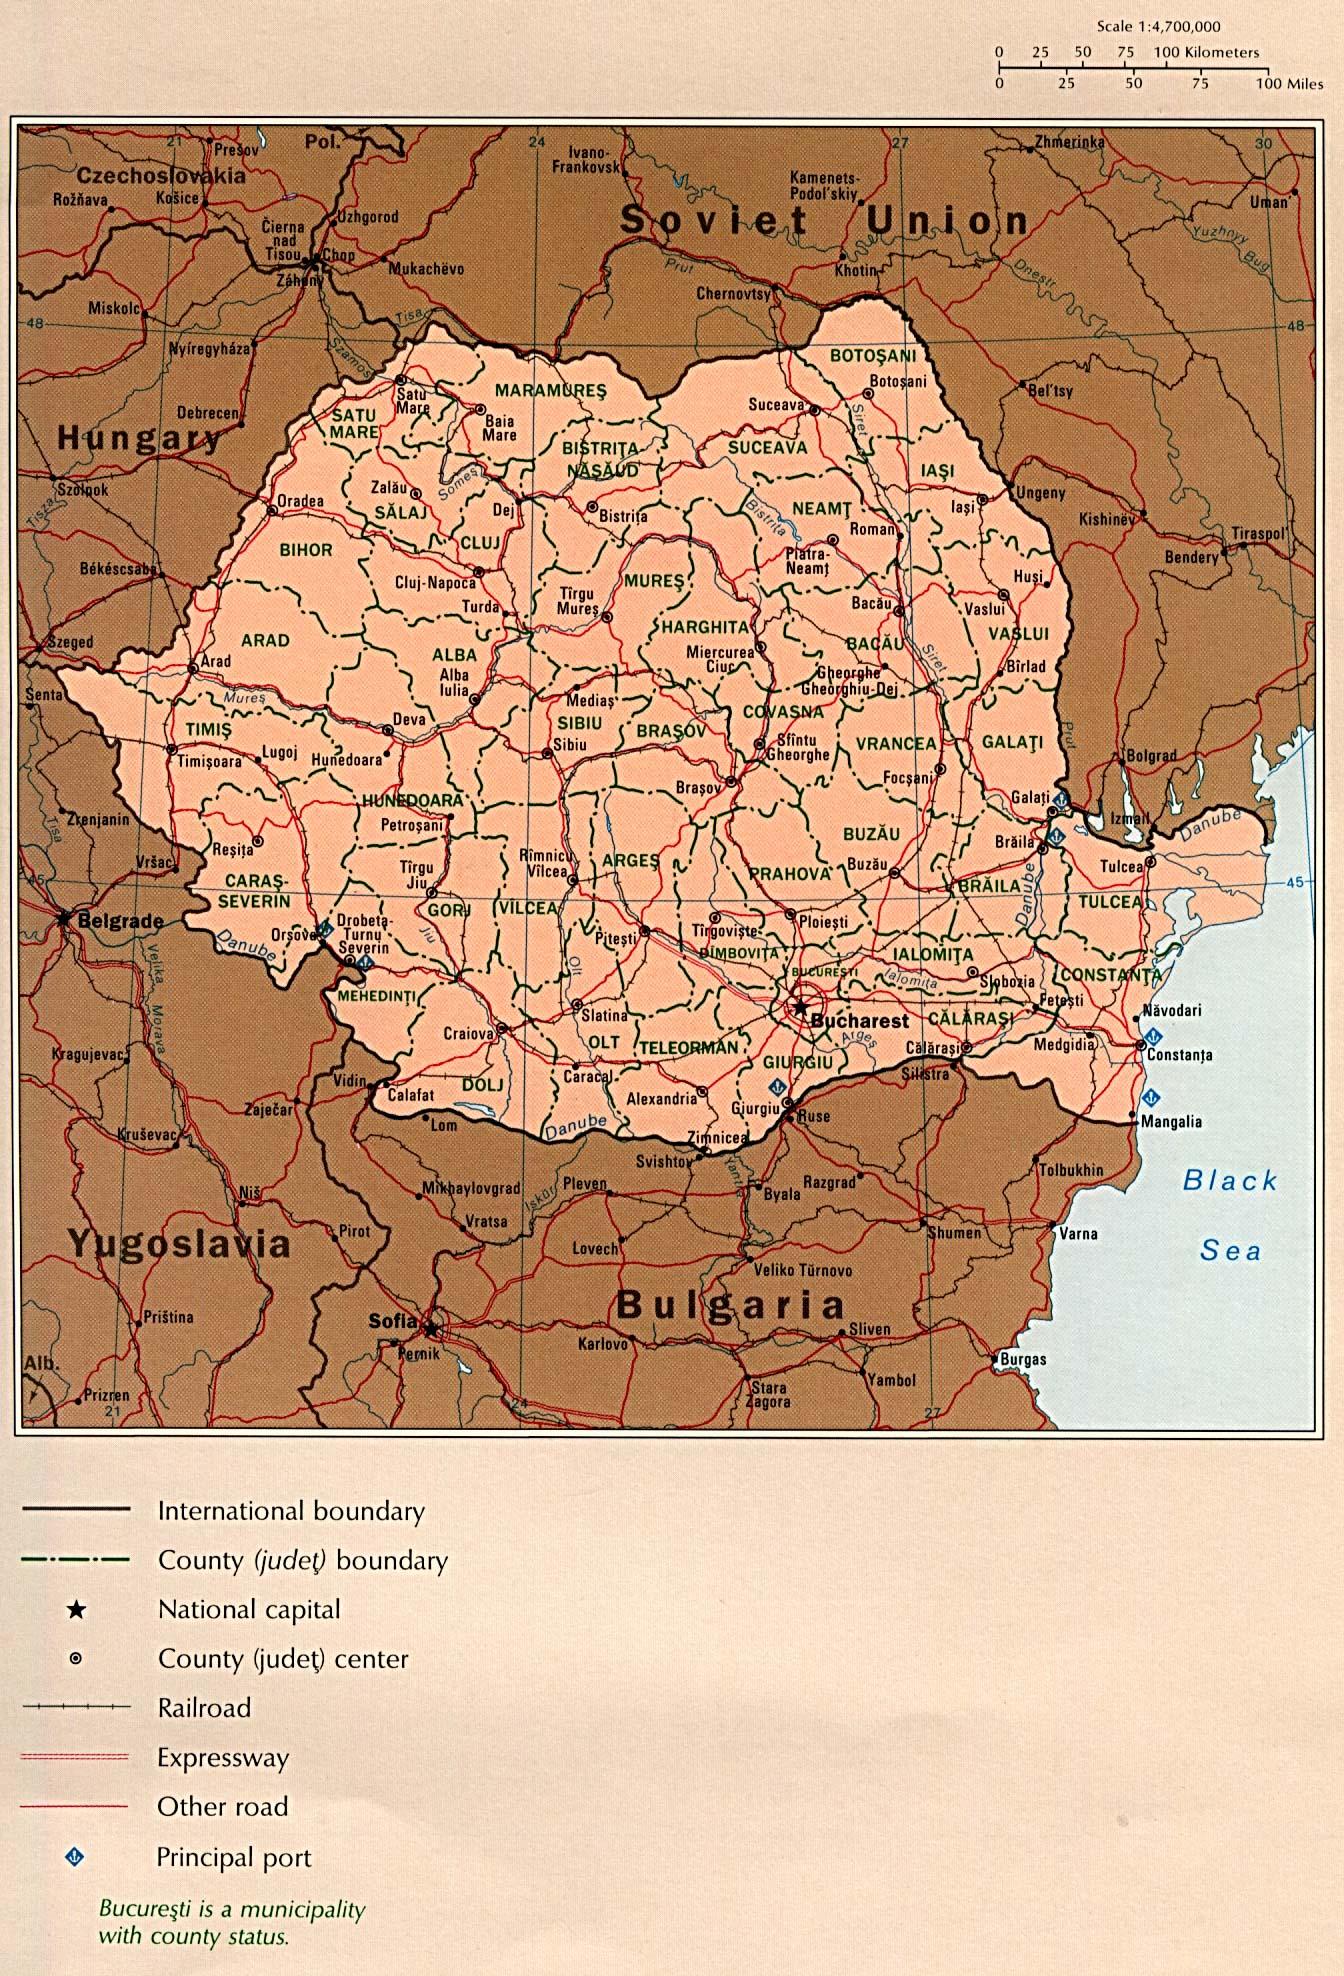 Mapa Politico de Rumania